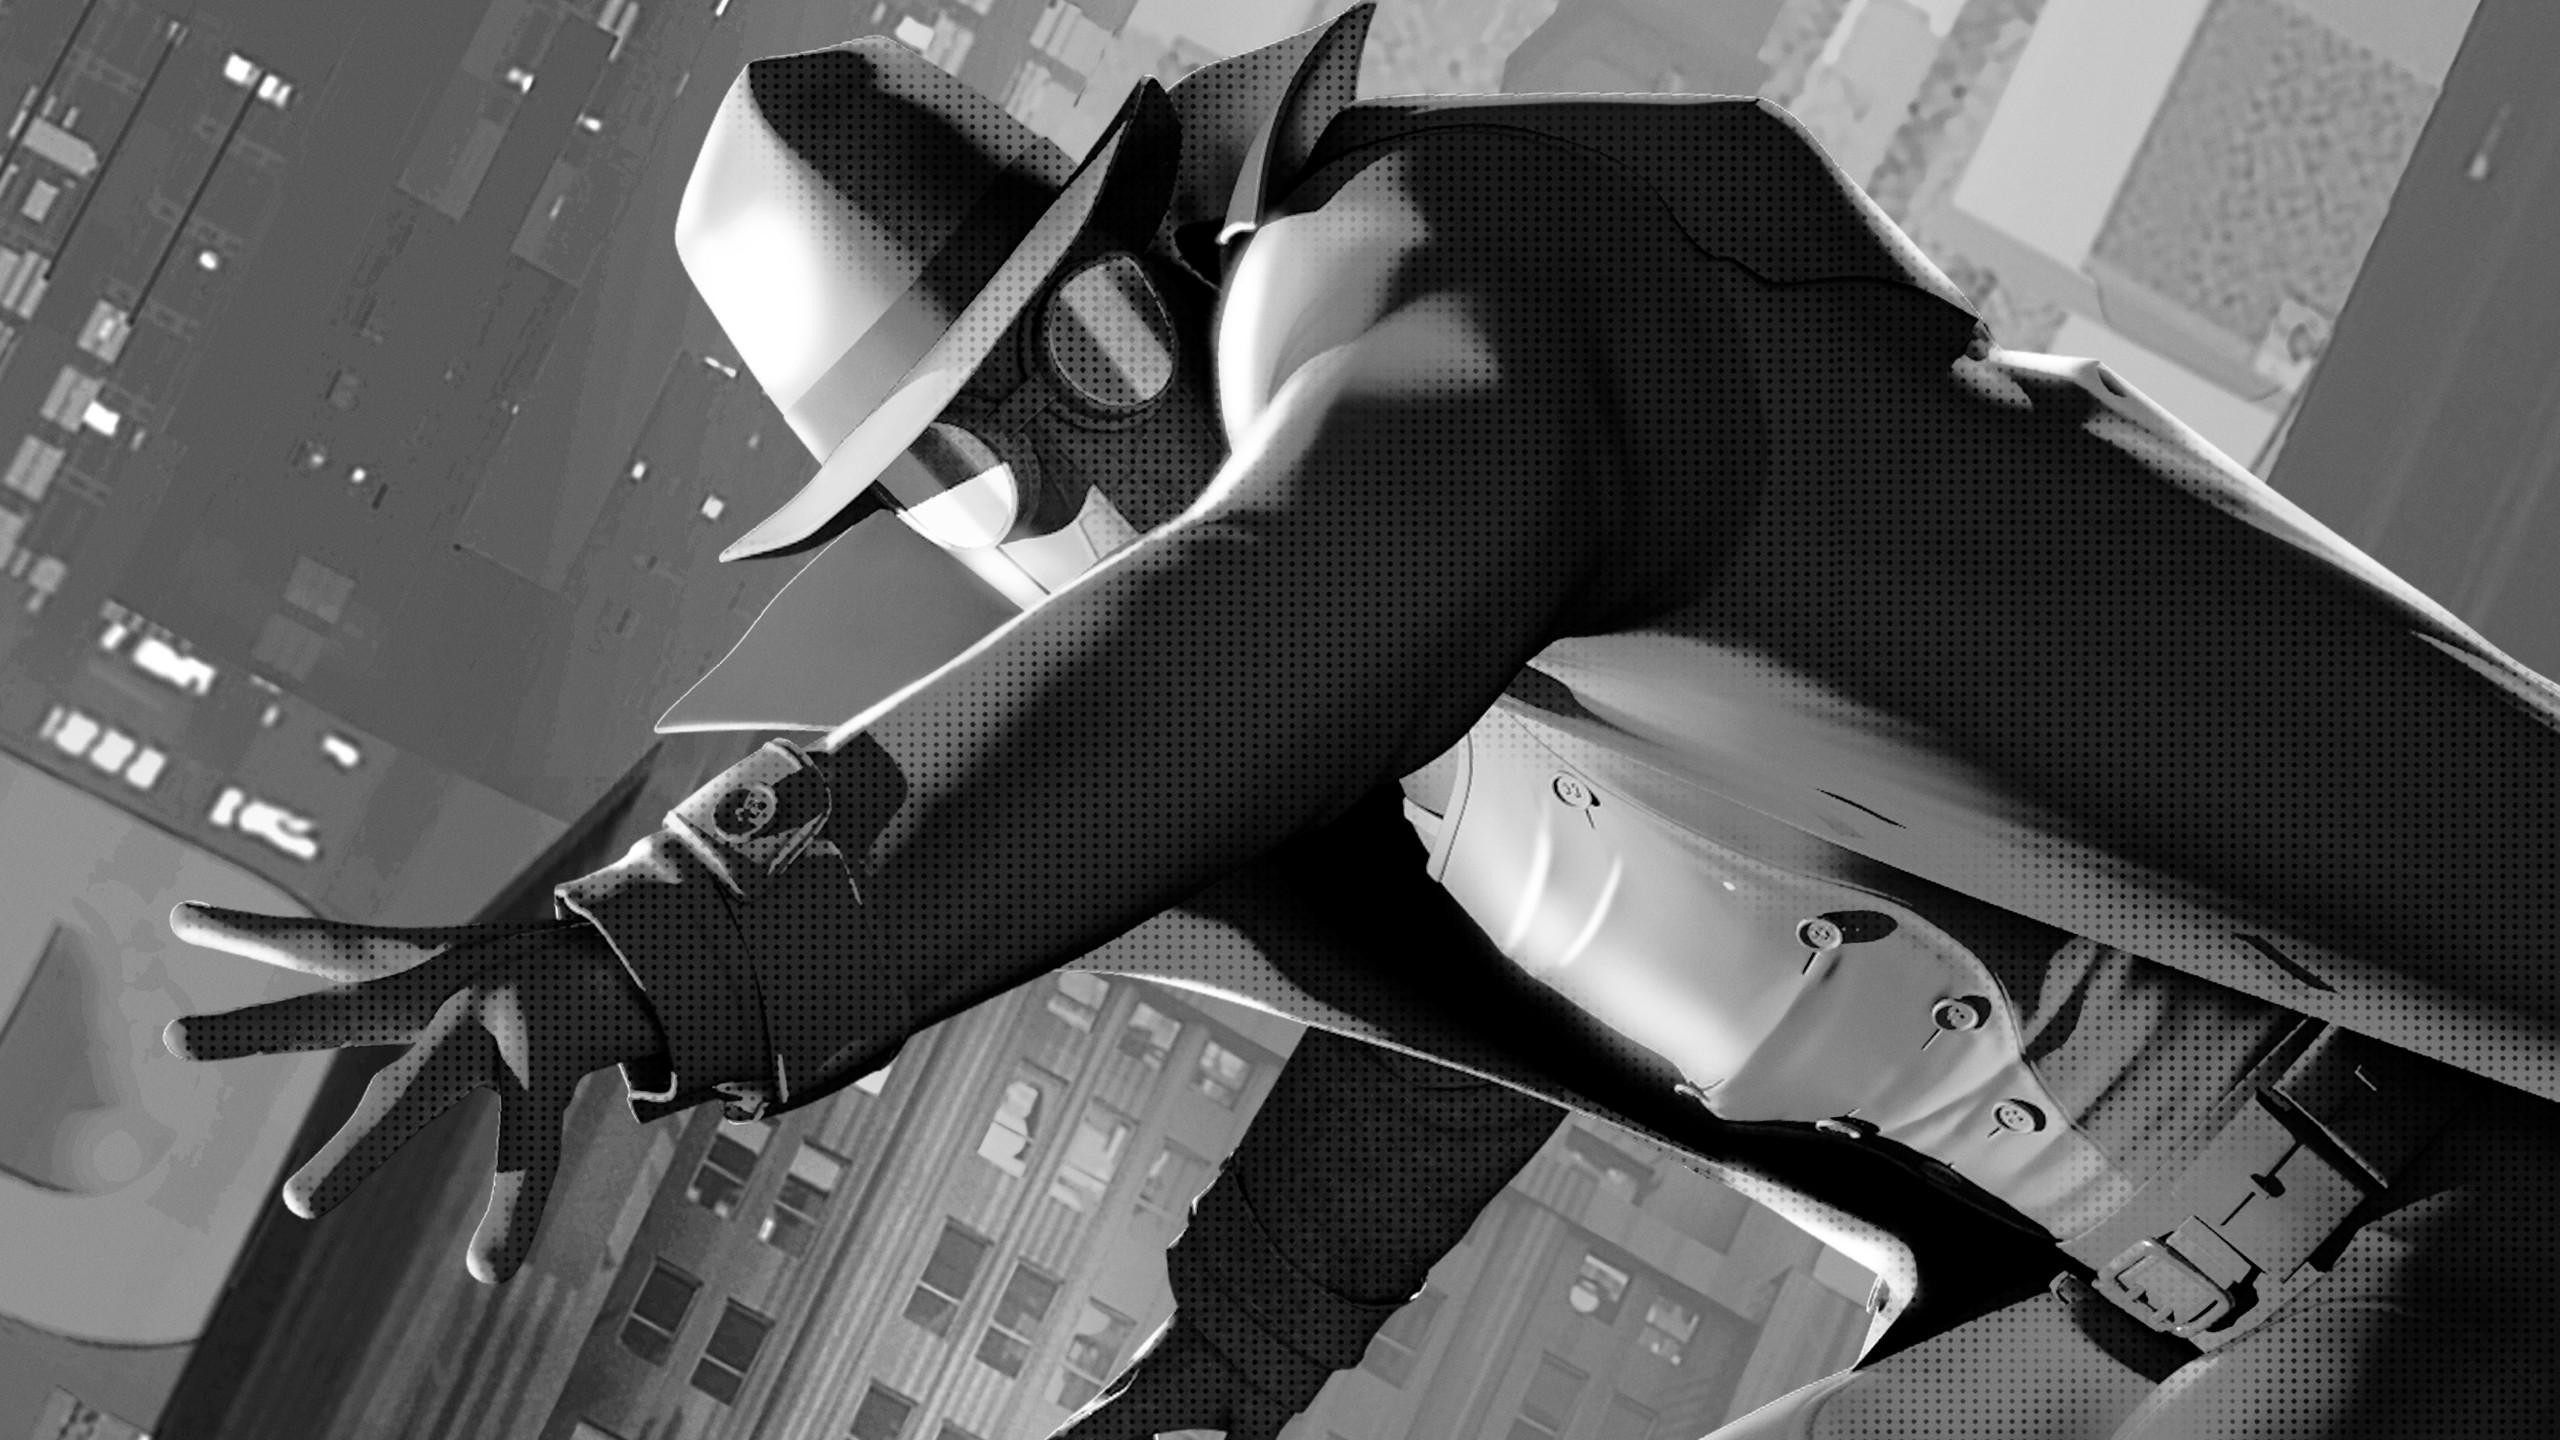 Wolverine 3d Wallpaper Spider Man Noir In Spider Man Into The Spider Verse 5k